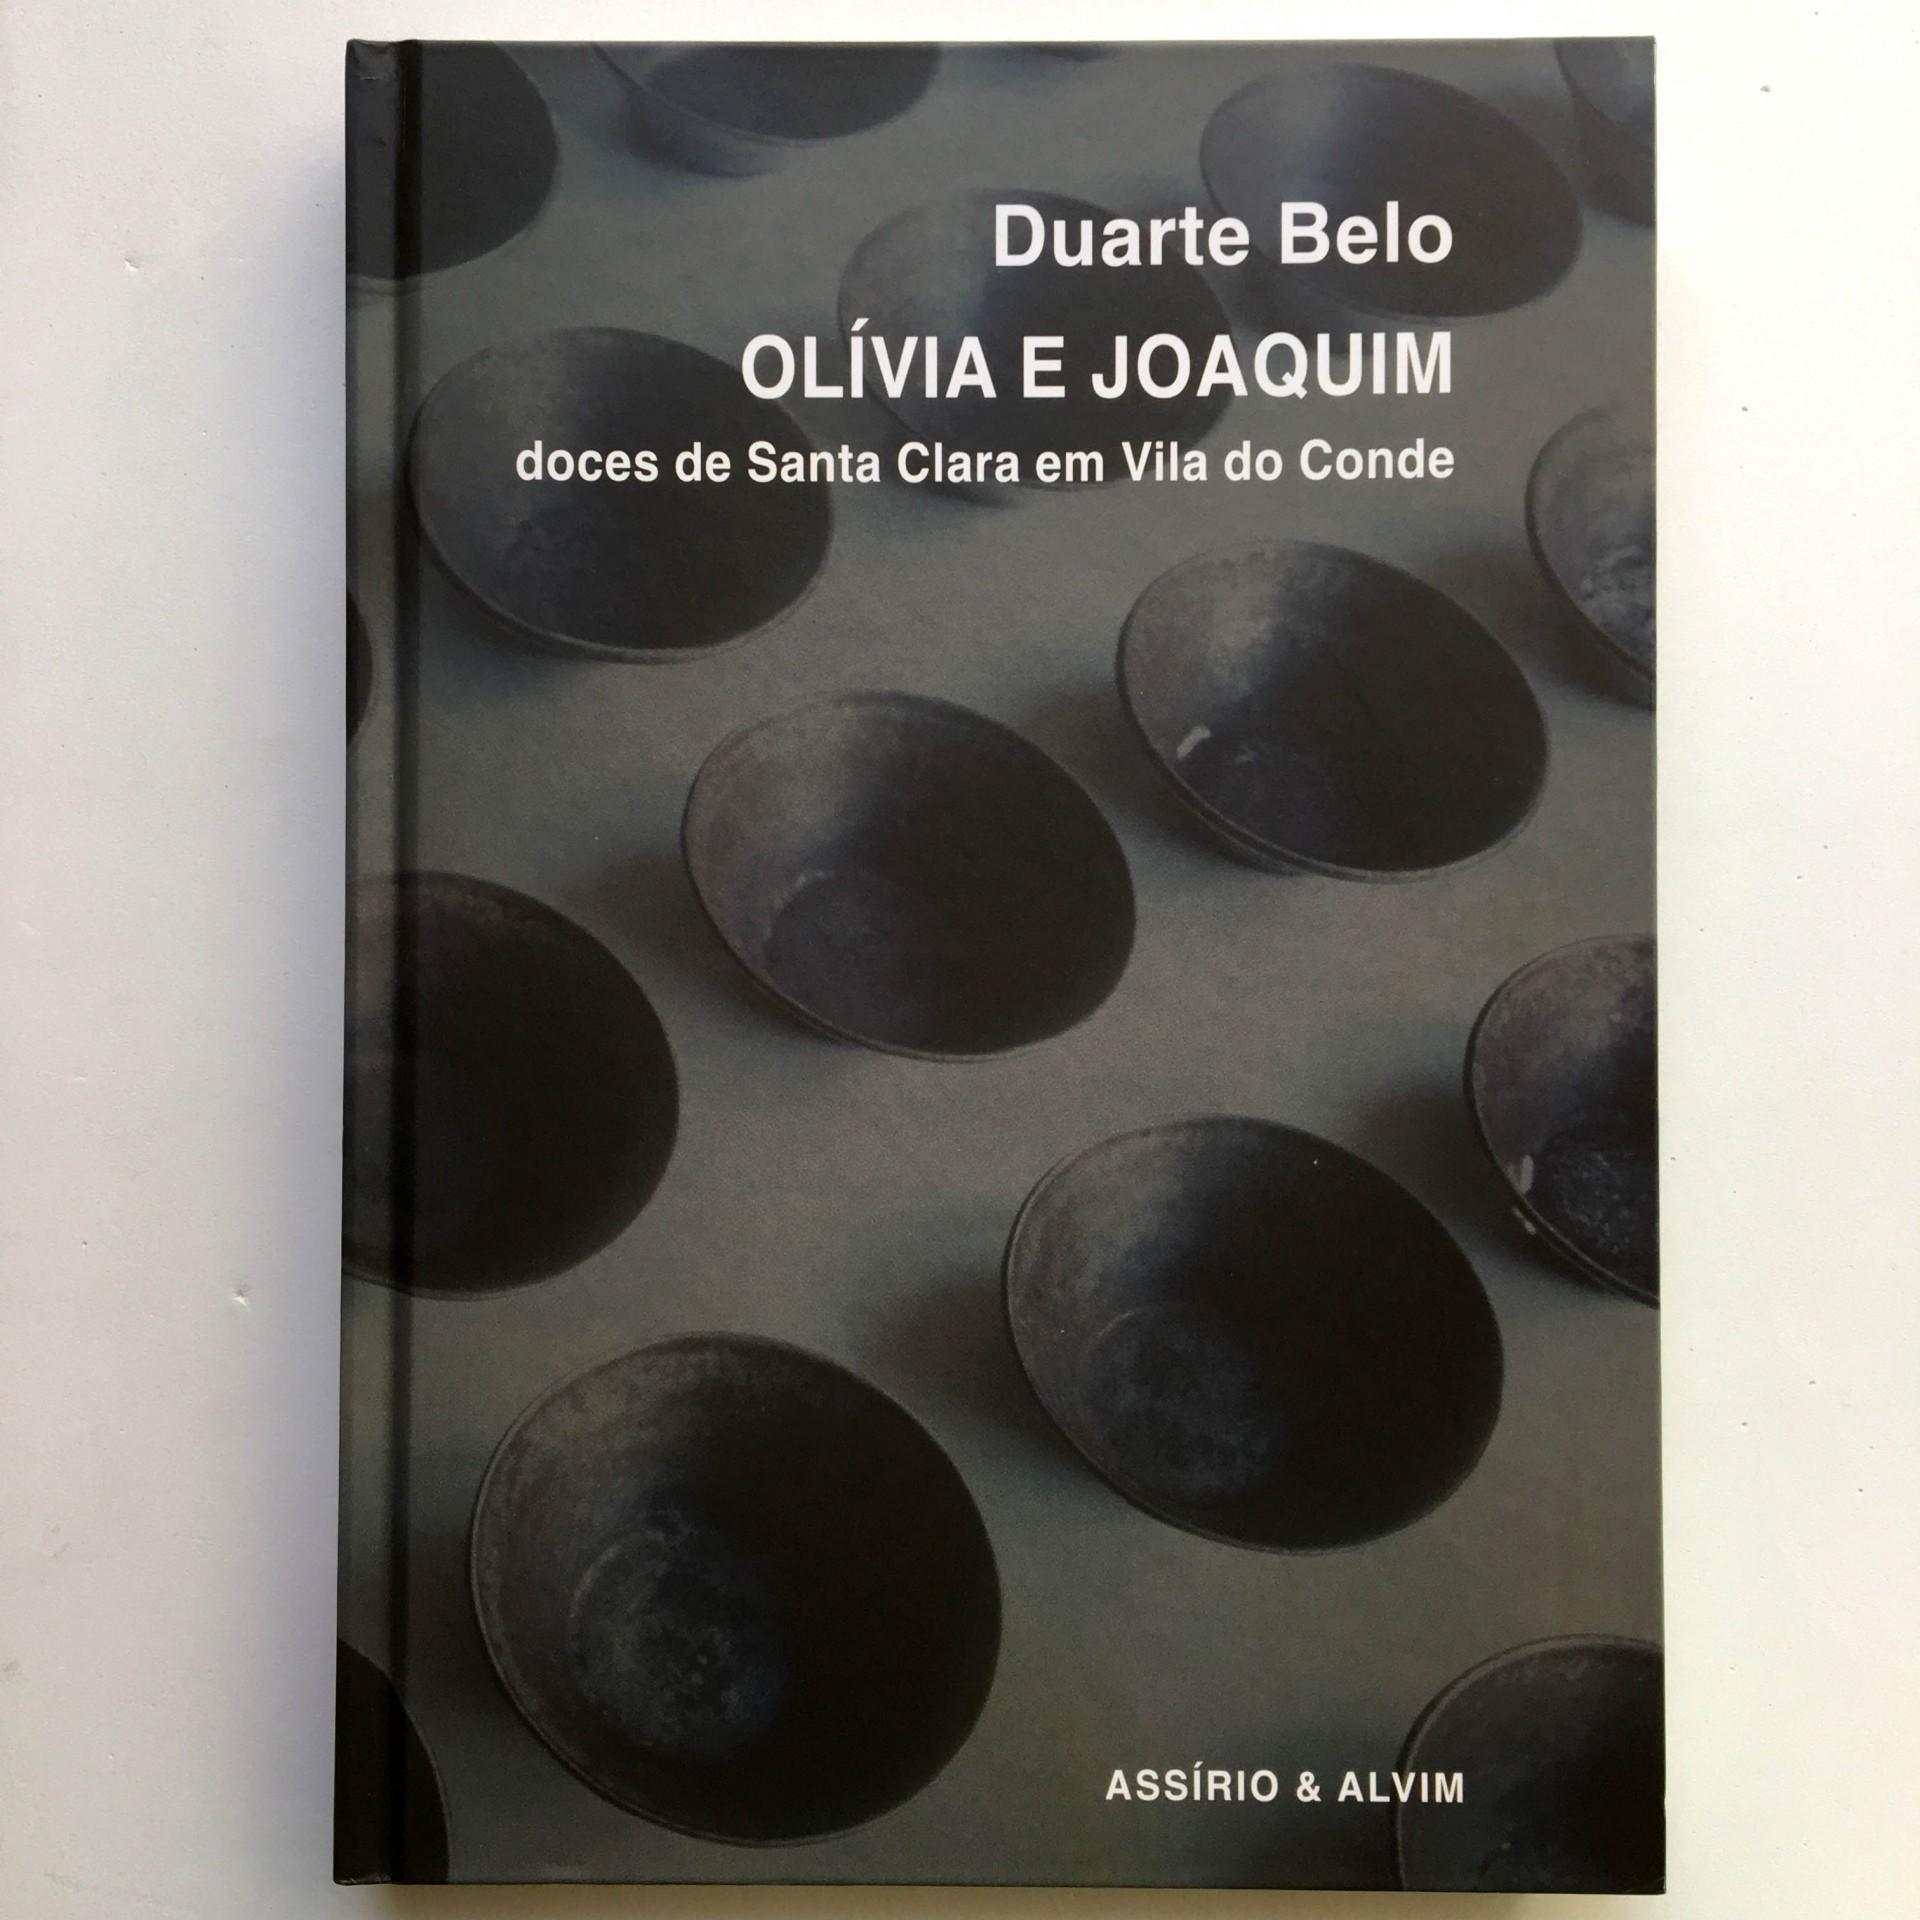 Olívia e Joaquim: doces de Santa Clara em Vila do Conde